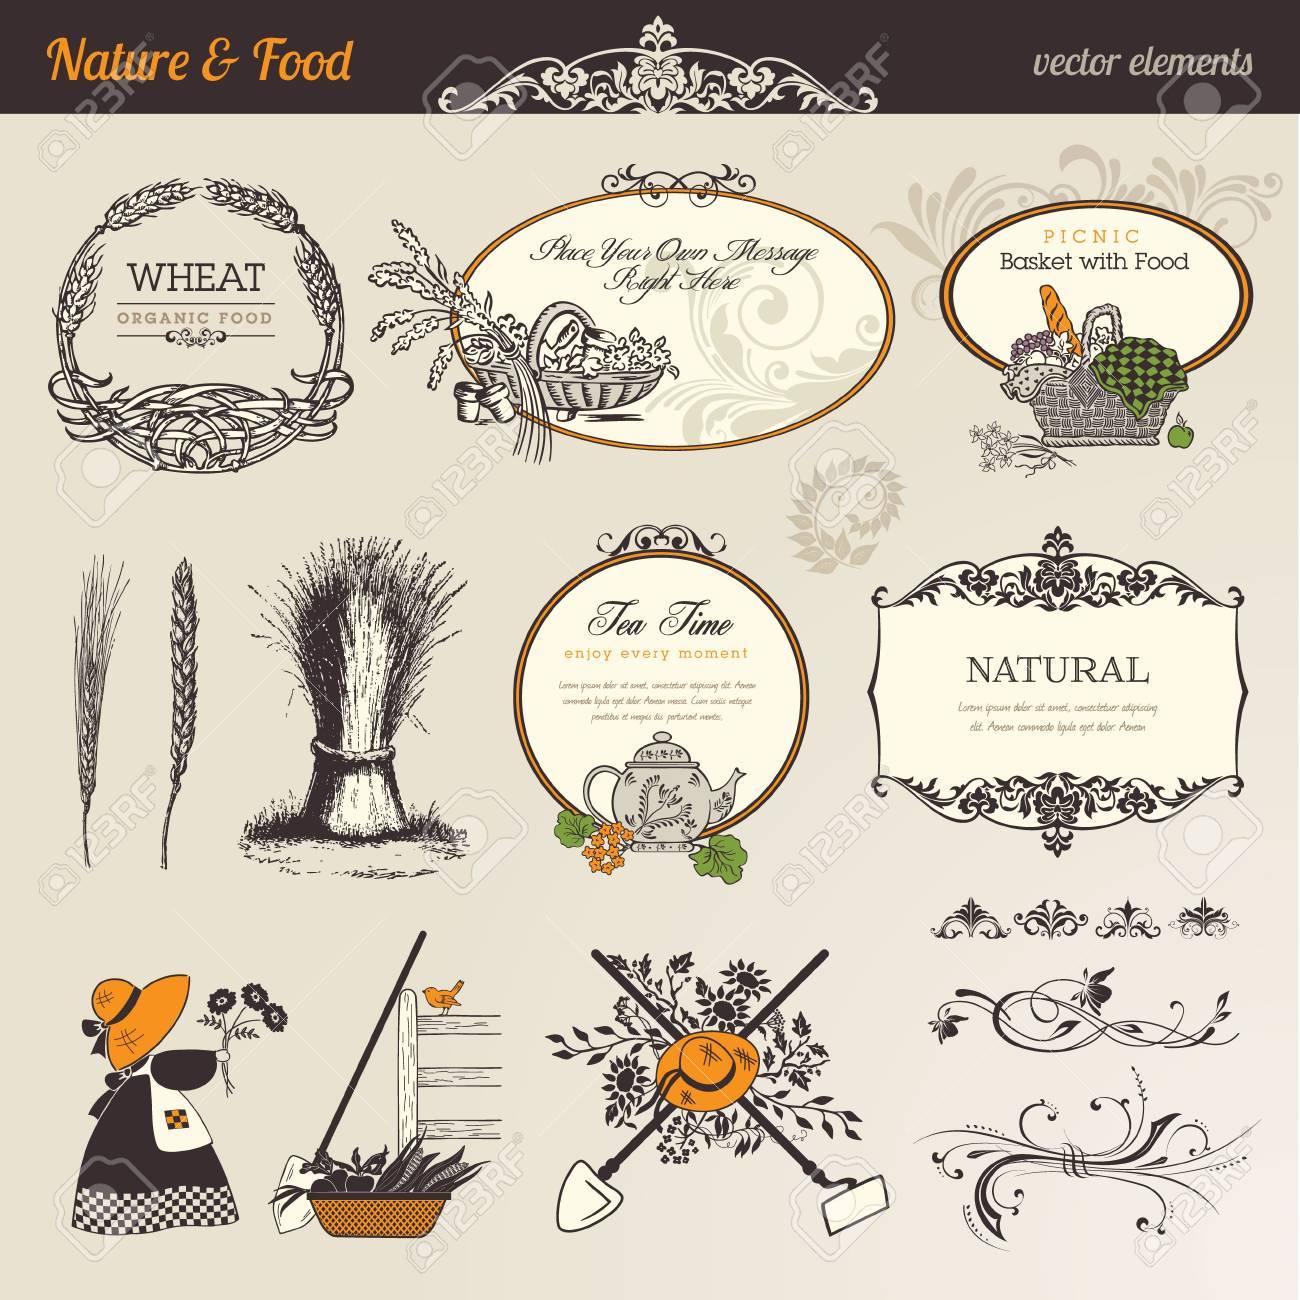 Nature & food vector elements - 11325061